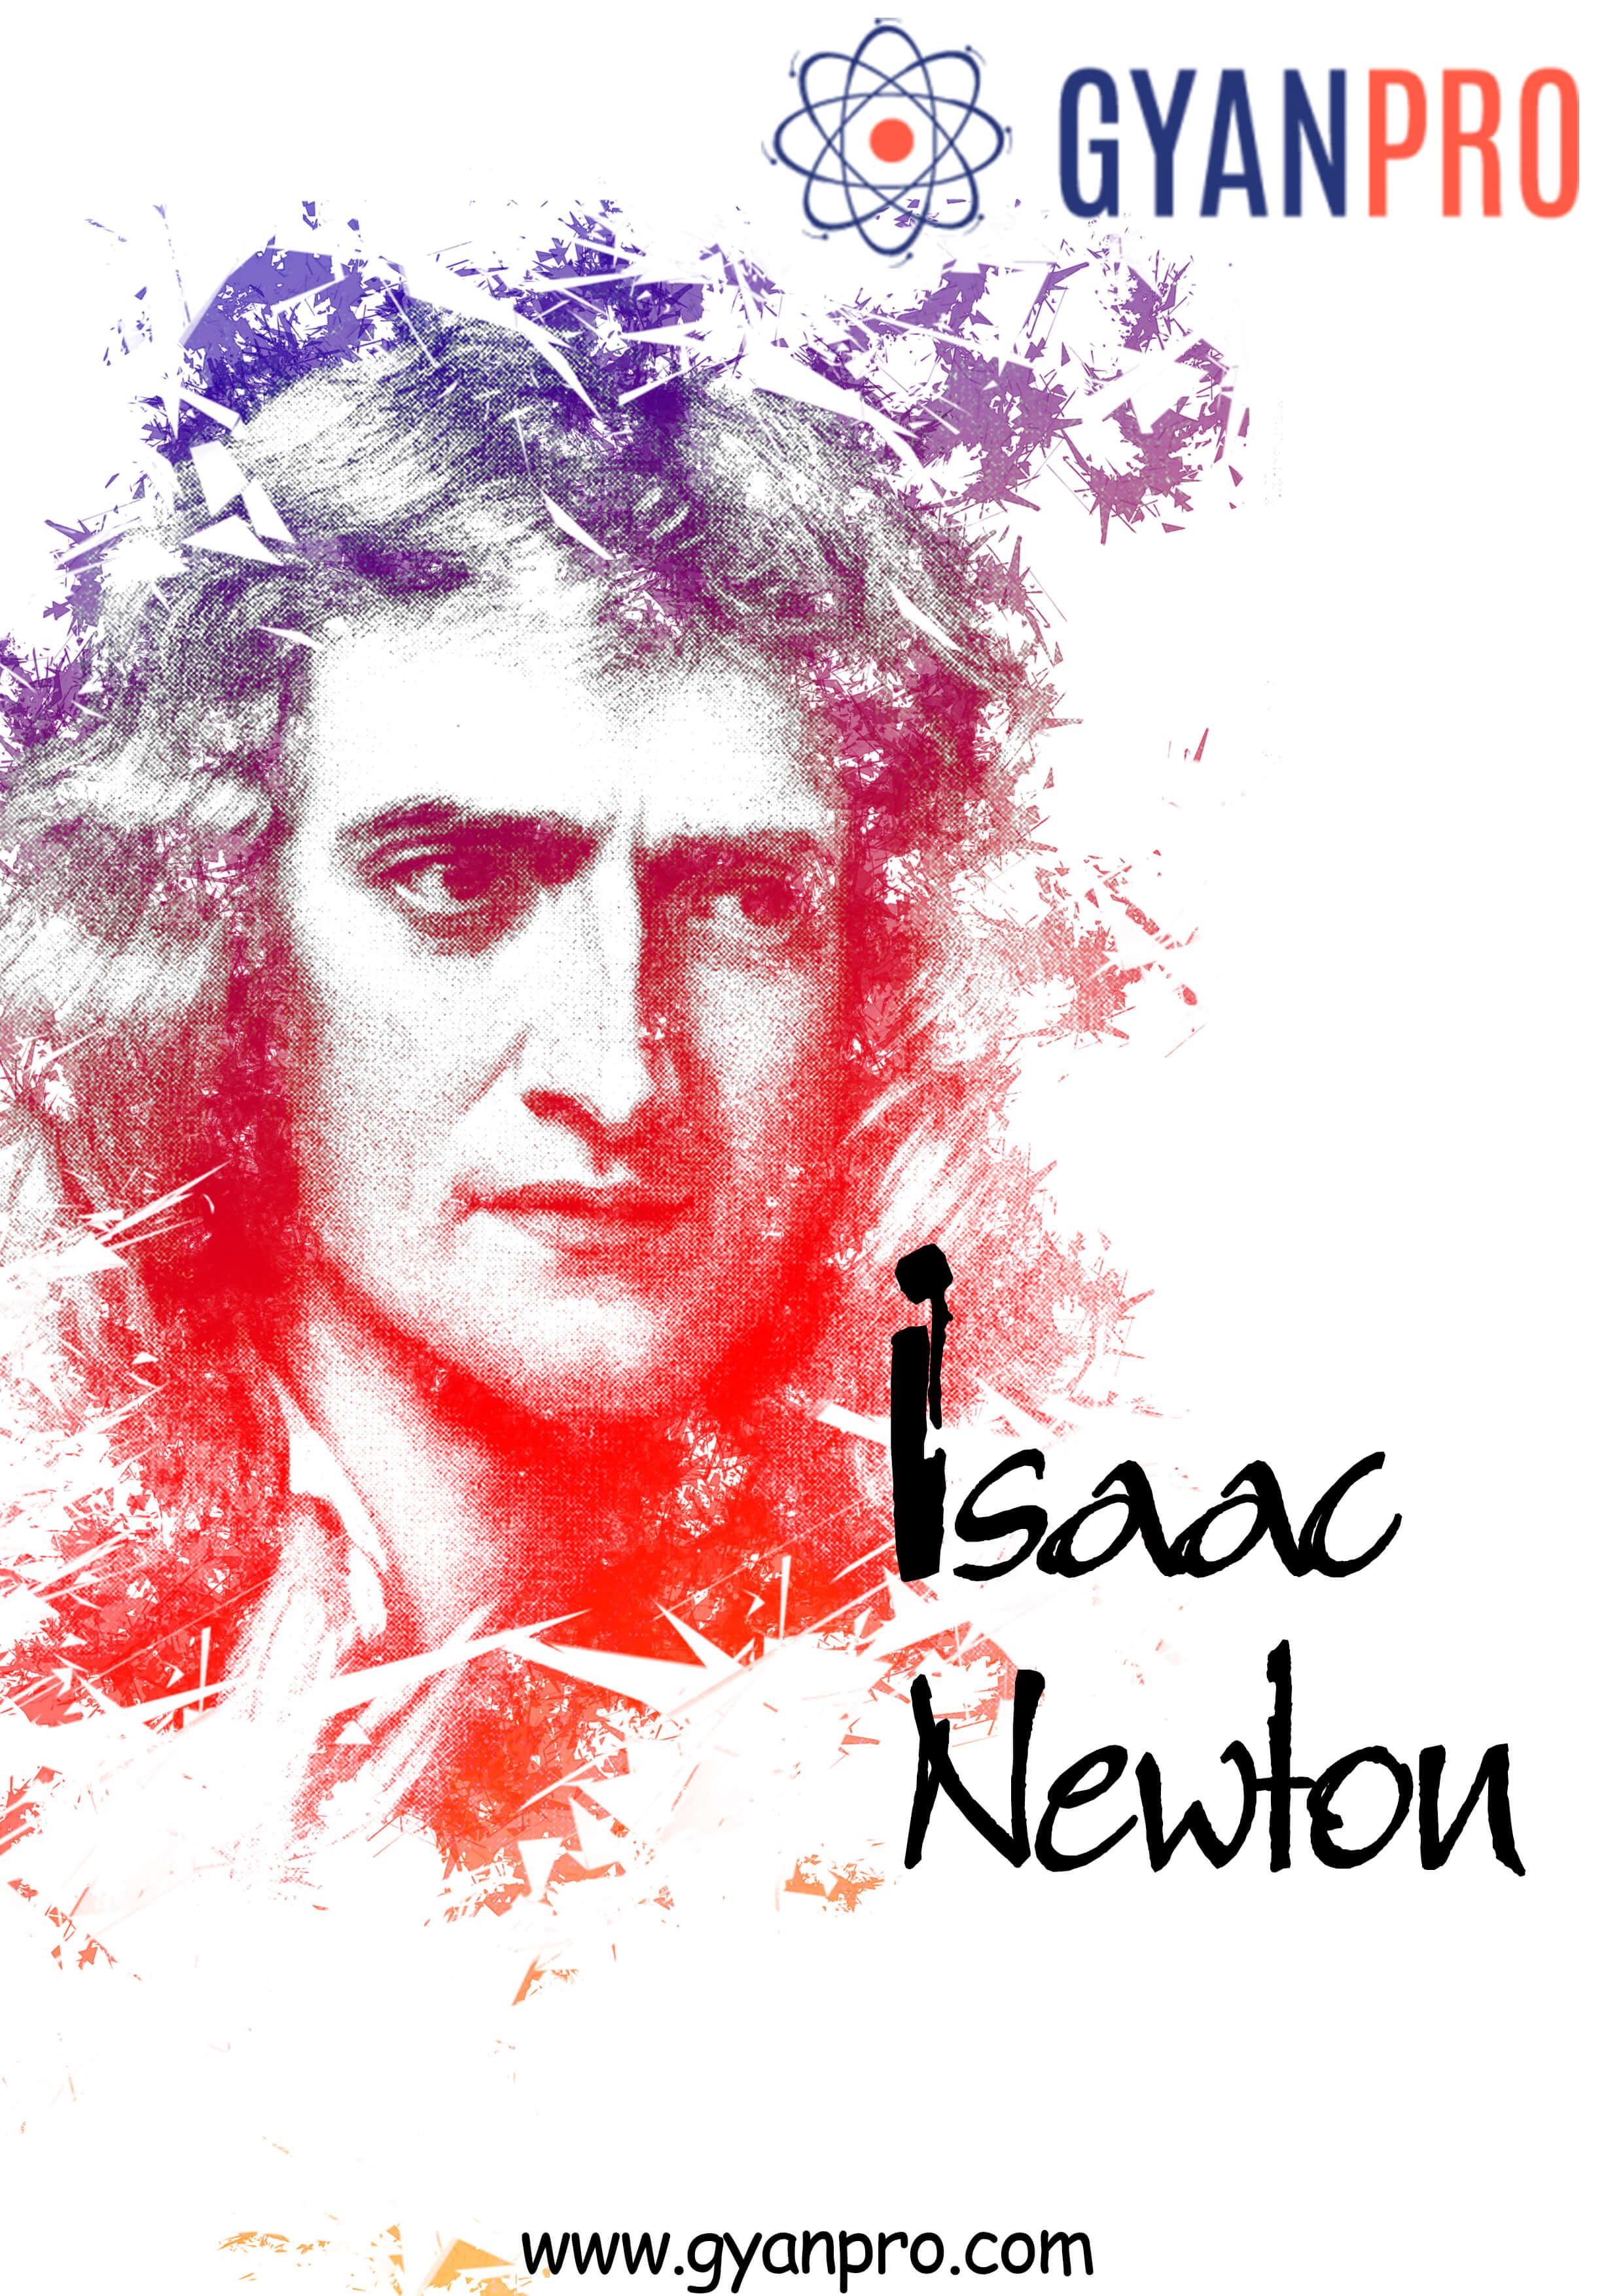 issac newton_gyanpro